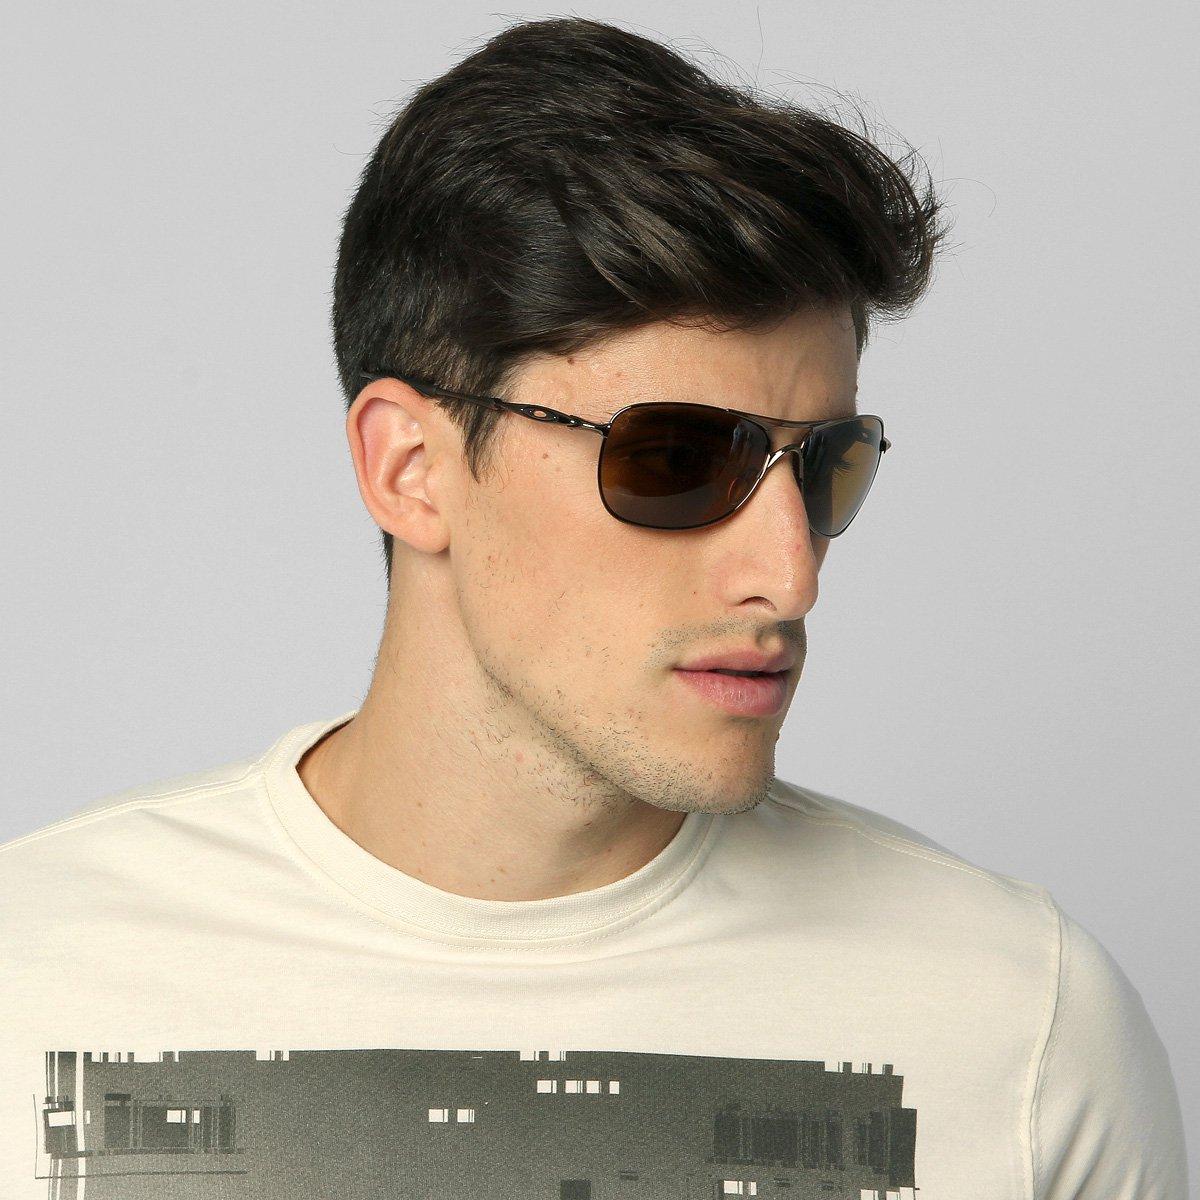 Óculos Oakley Crosshair - Polarizado - Compre Agora   Netshoes 9754cc4cab